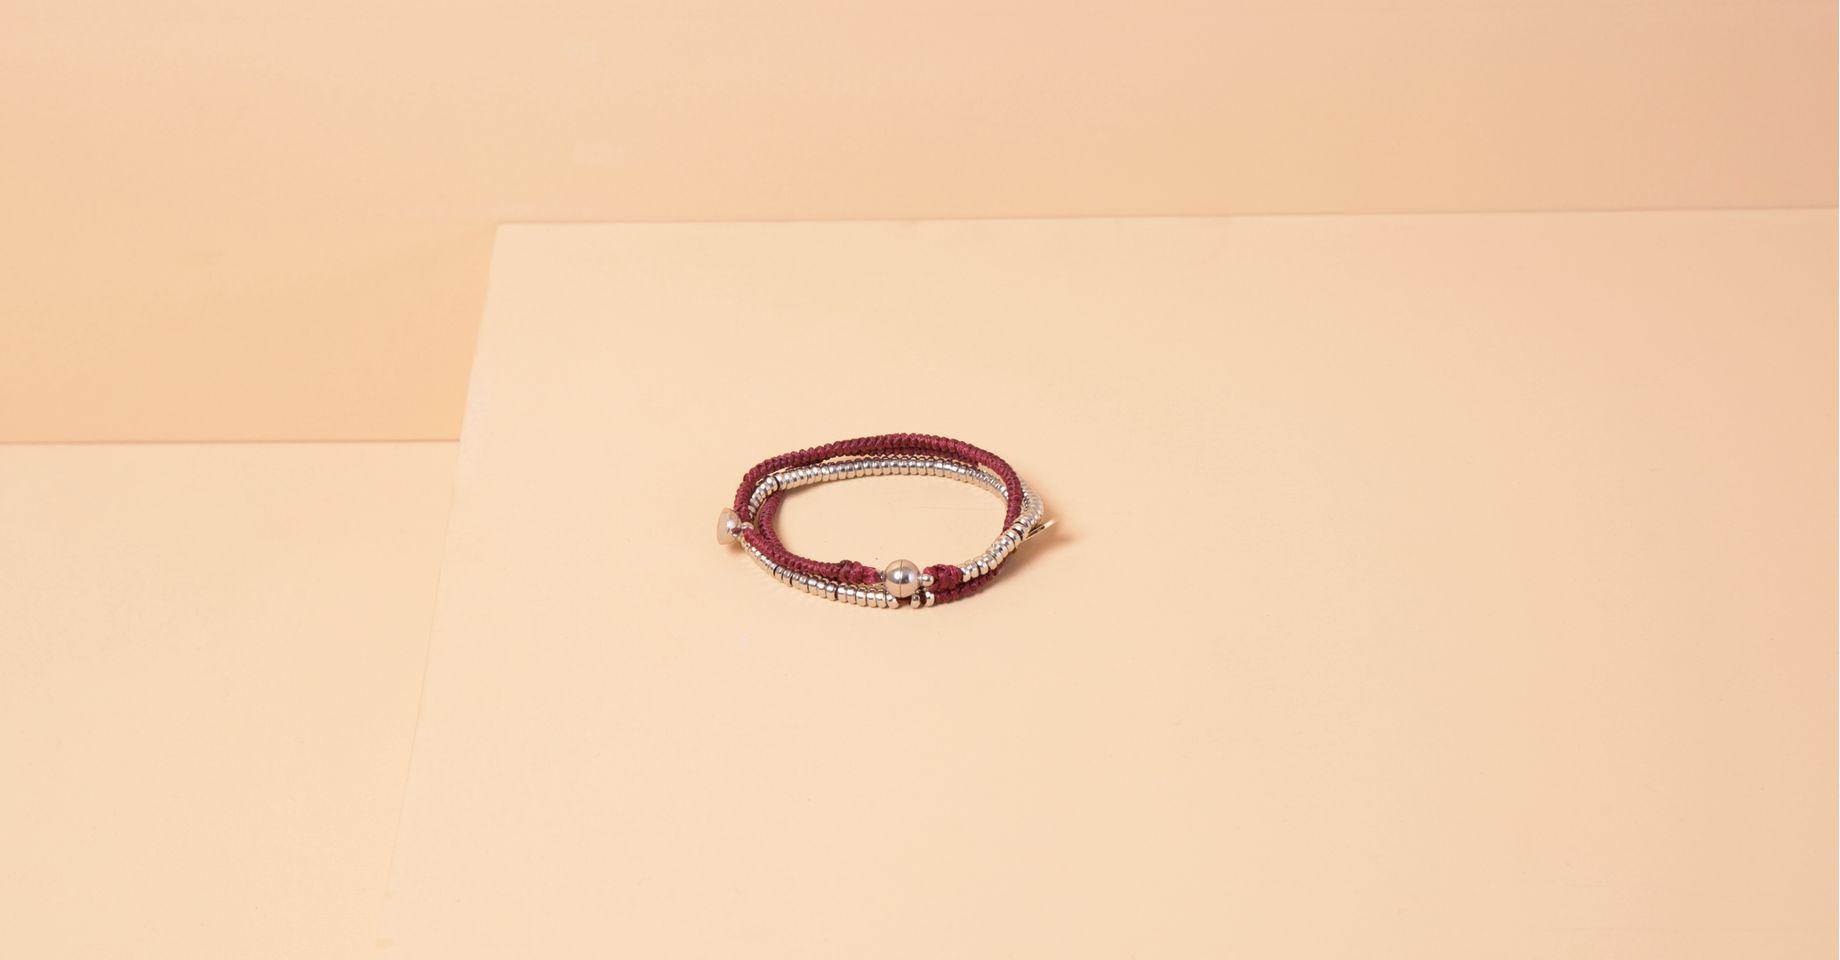 020905348_008_1-PULSEIRA-HARITA